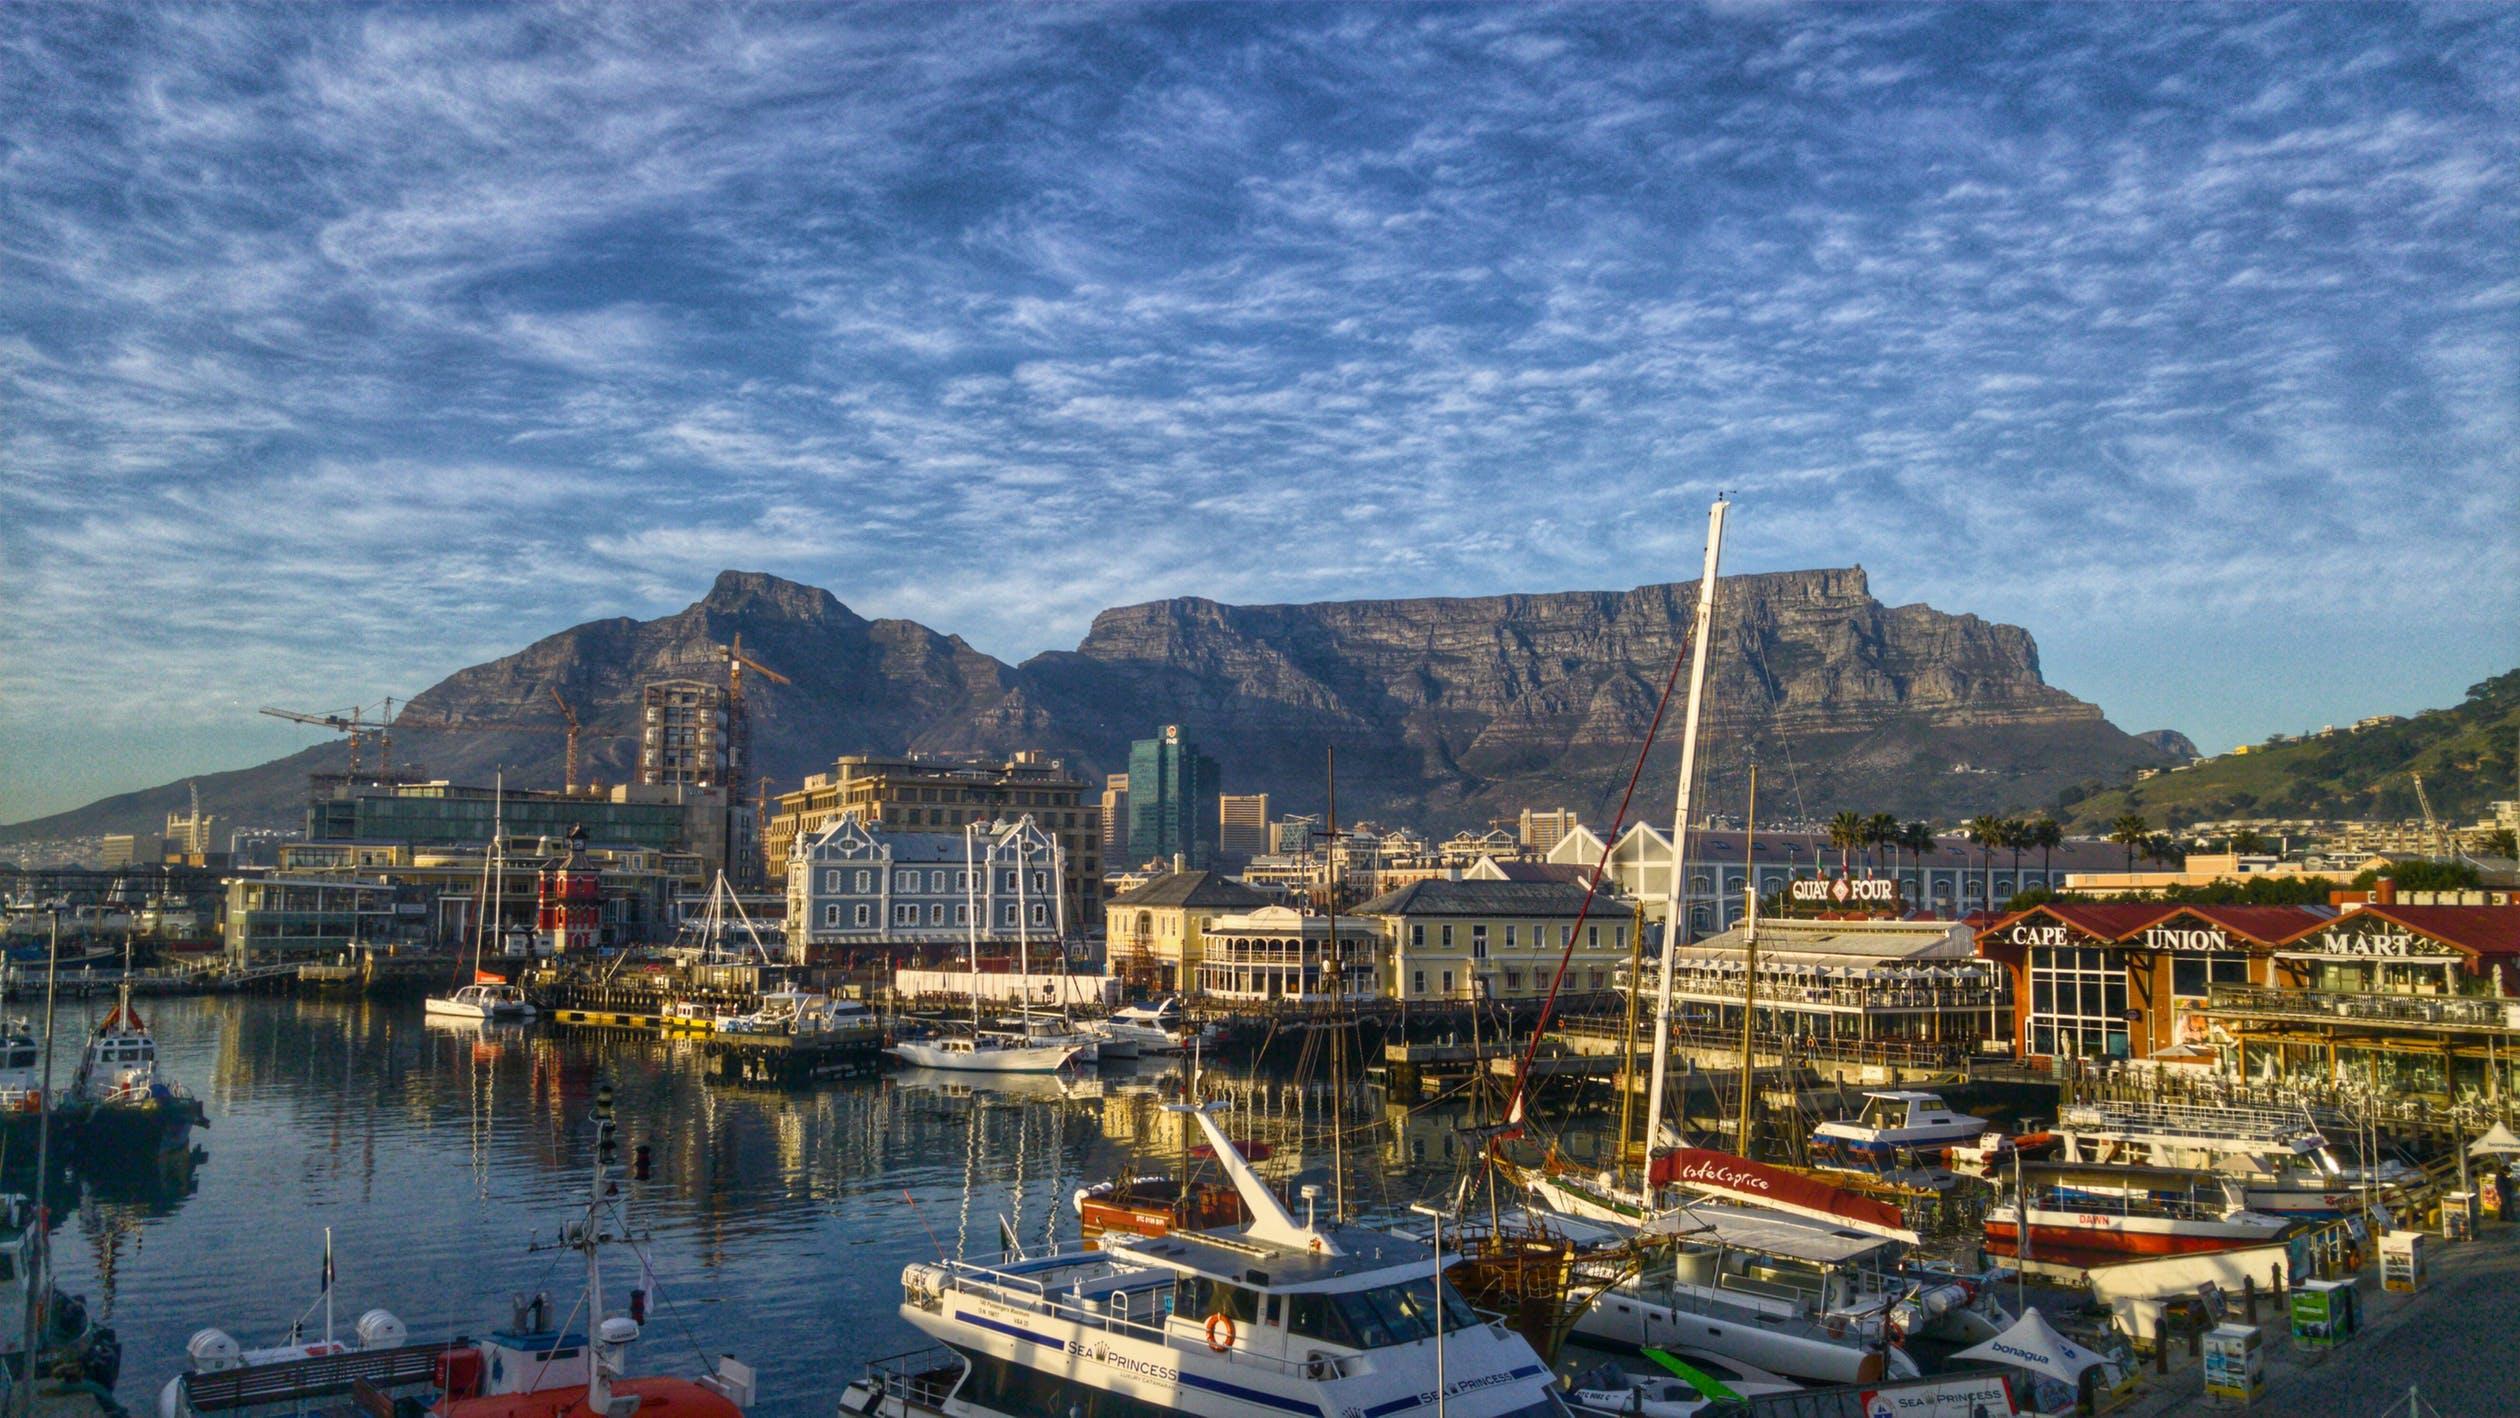 Vista do porto com diversos barcos que é uma ótima opção de lazer de uma viagem para a África do Sul